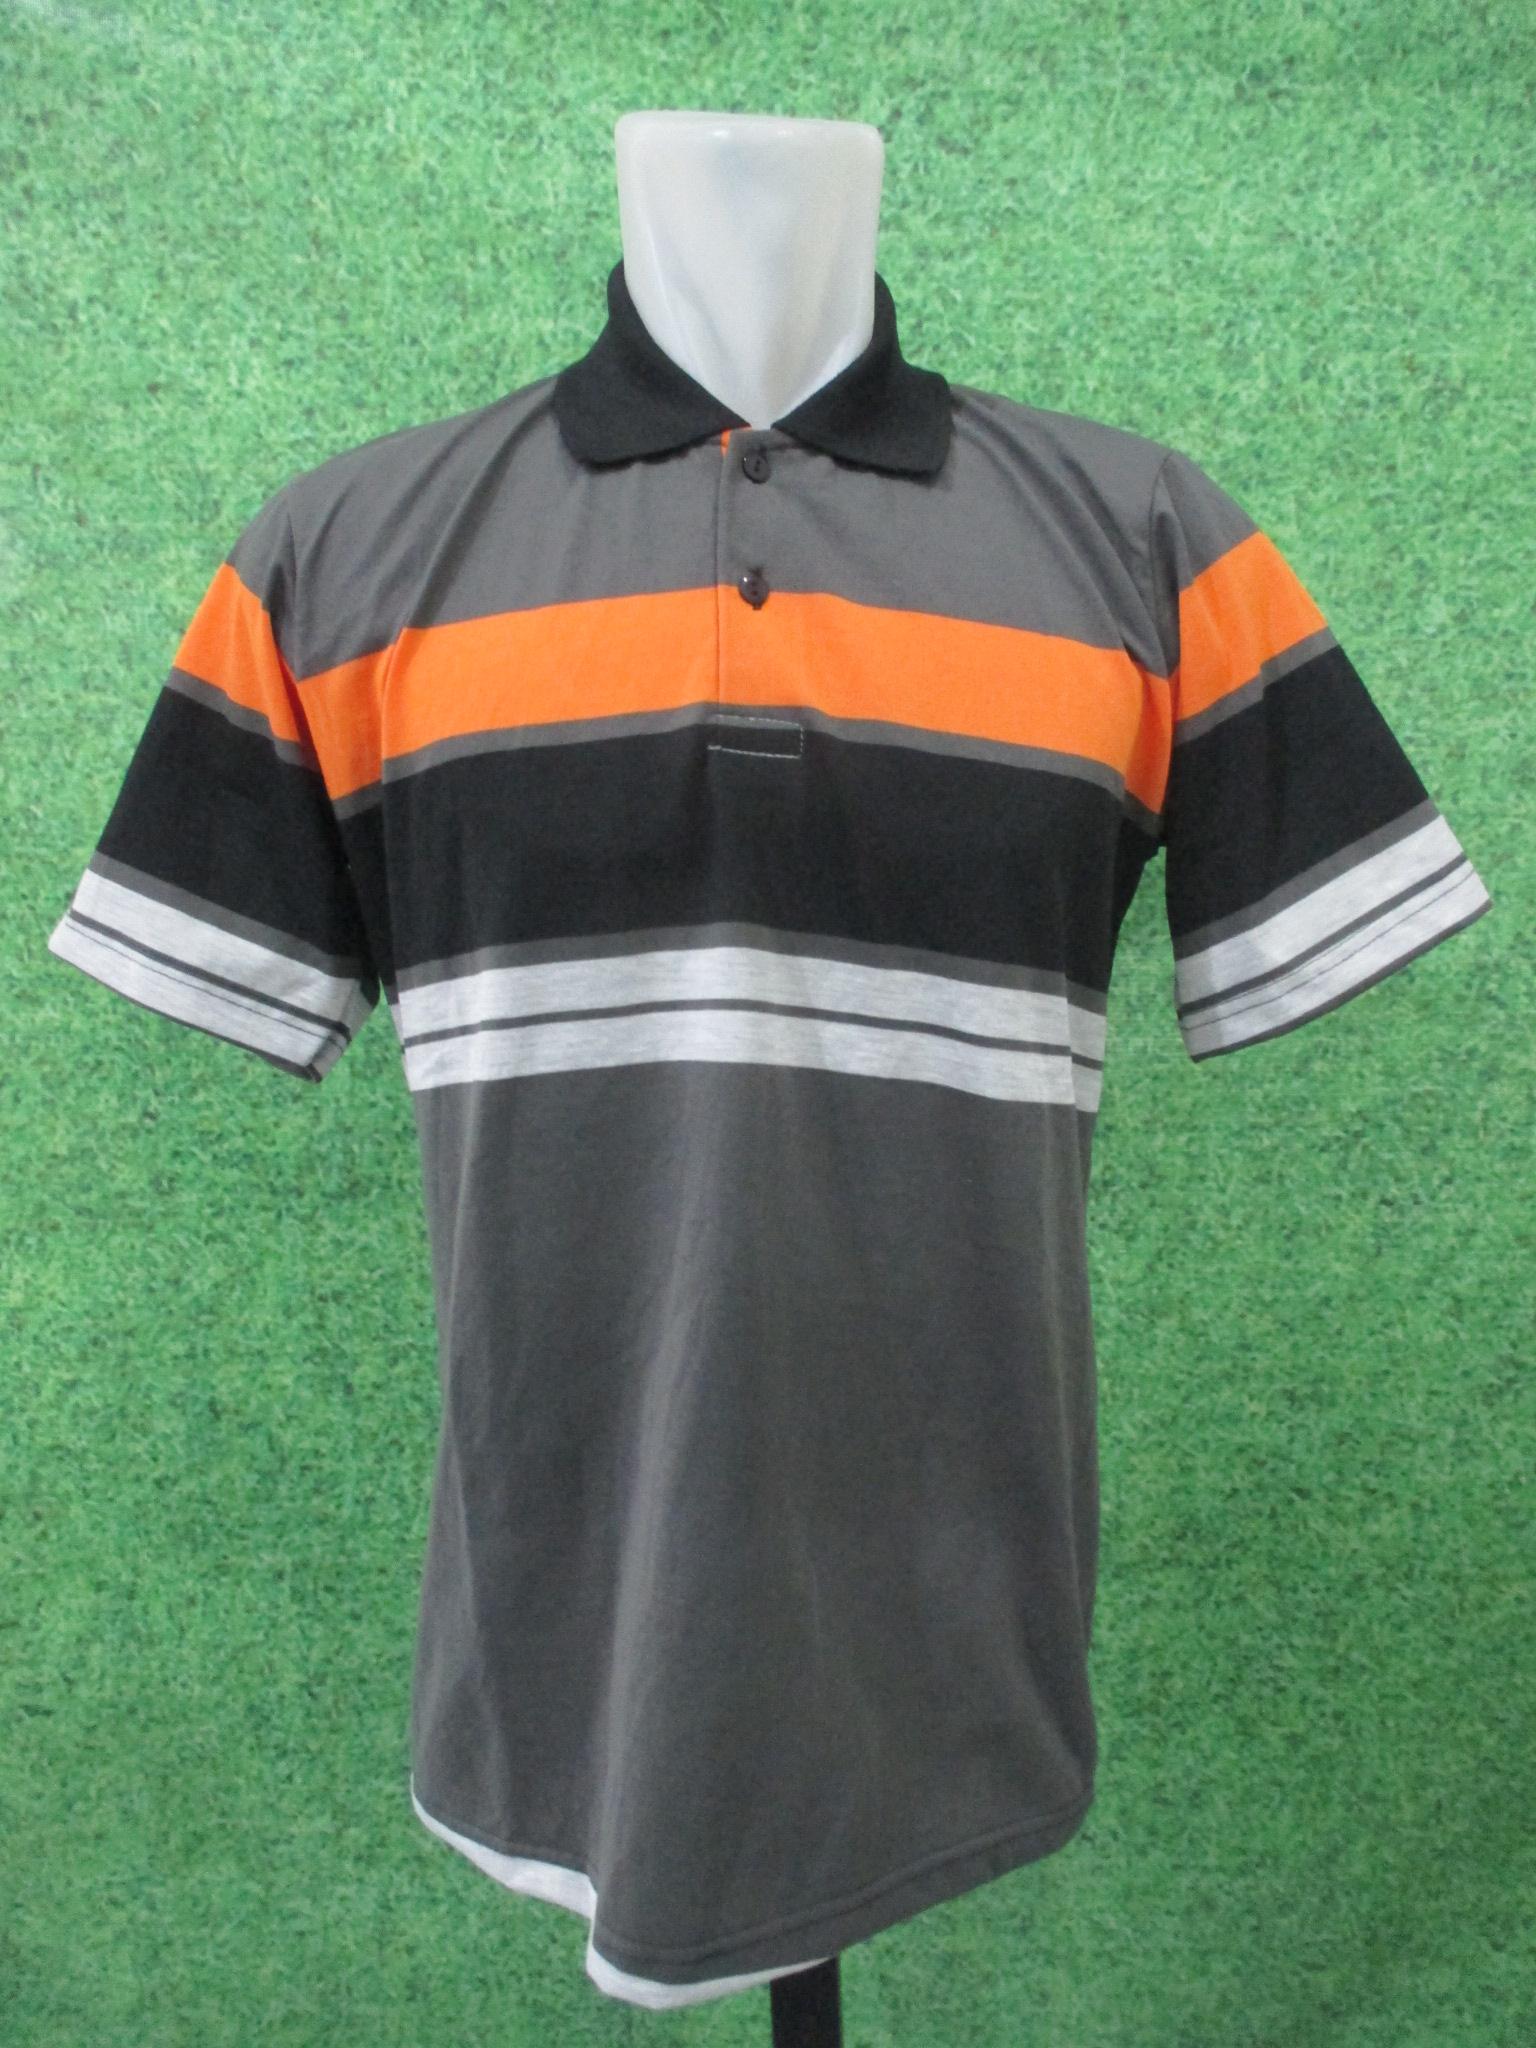 ObralanBaju.com Obral Baju Pakaian Murah Meriah 5000 Krah Trendy